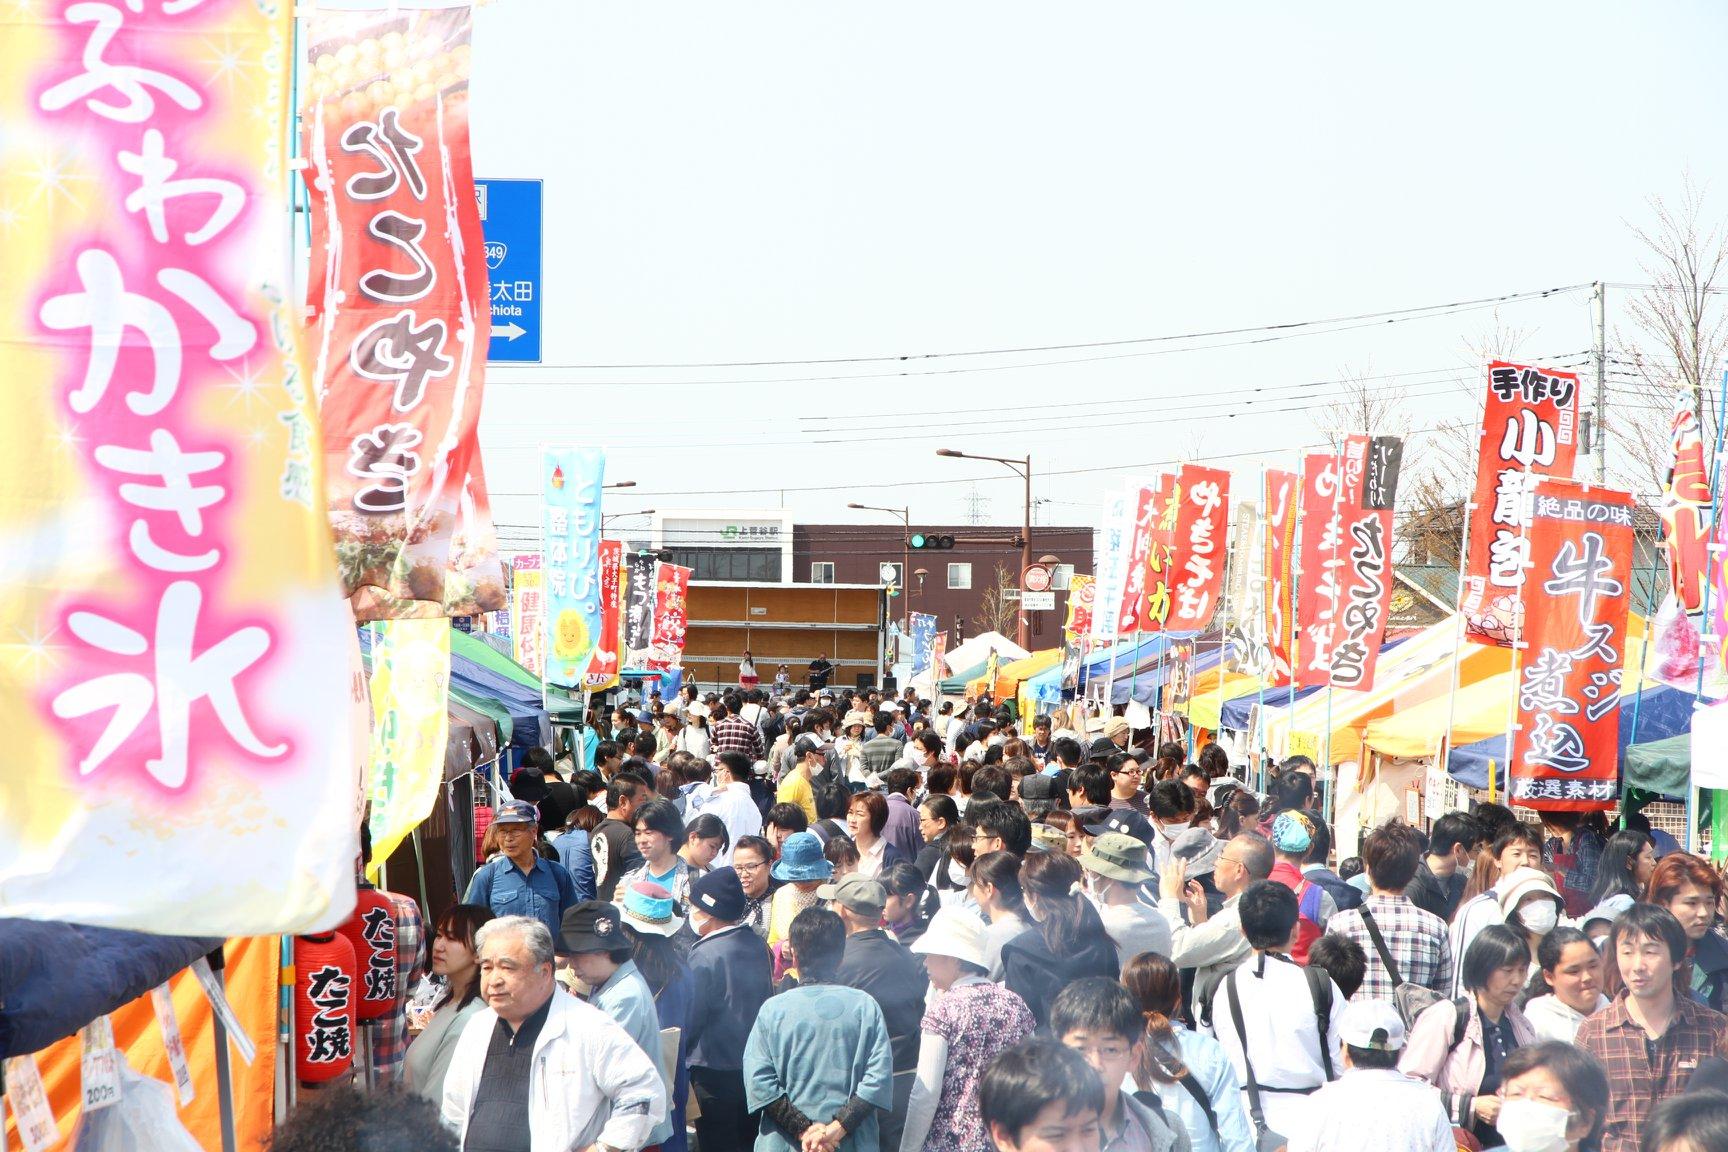 上菅谷駅前のイベントは30回を超えた。毎回1万~2万人が集まるまでに=2018年4月、茨城県那珂市(カミスガプロジェクト提供)